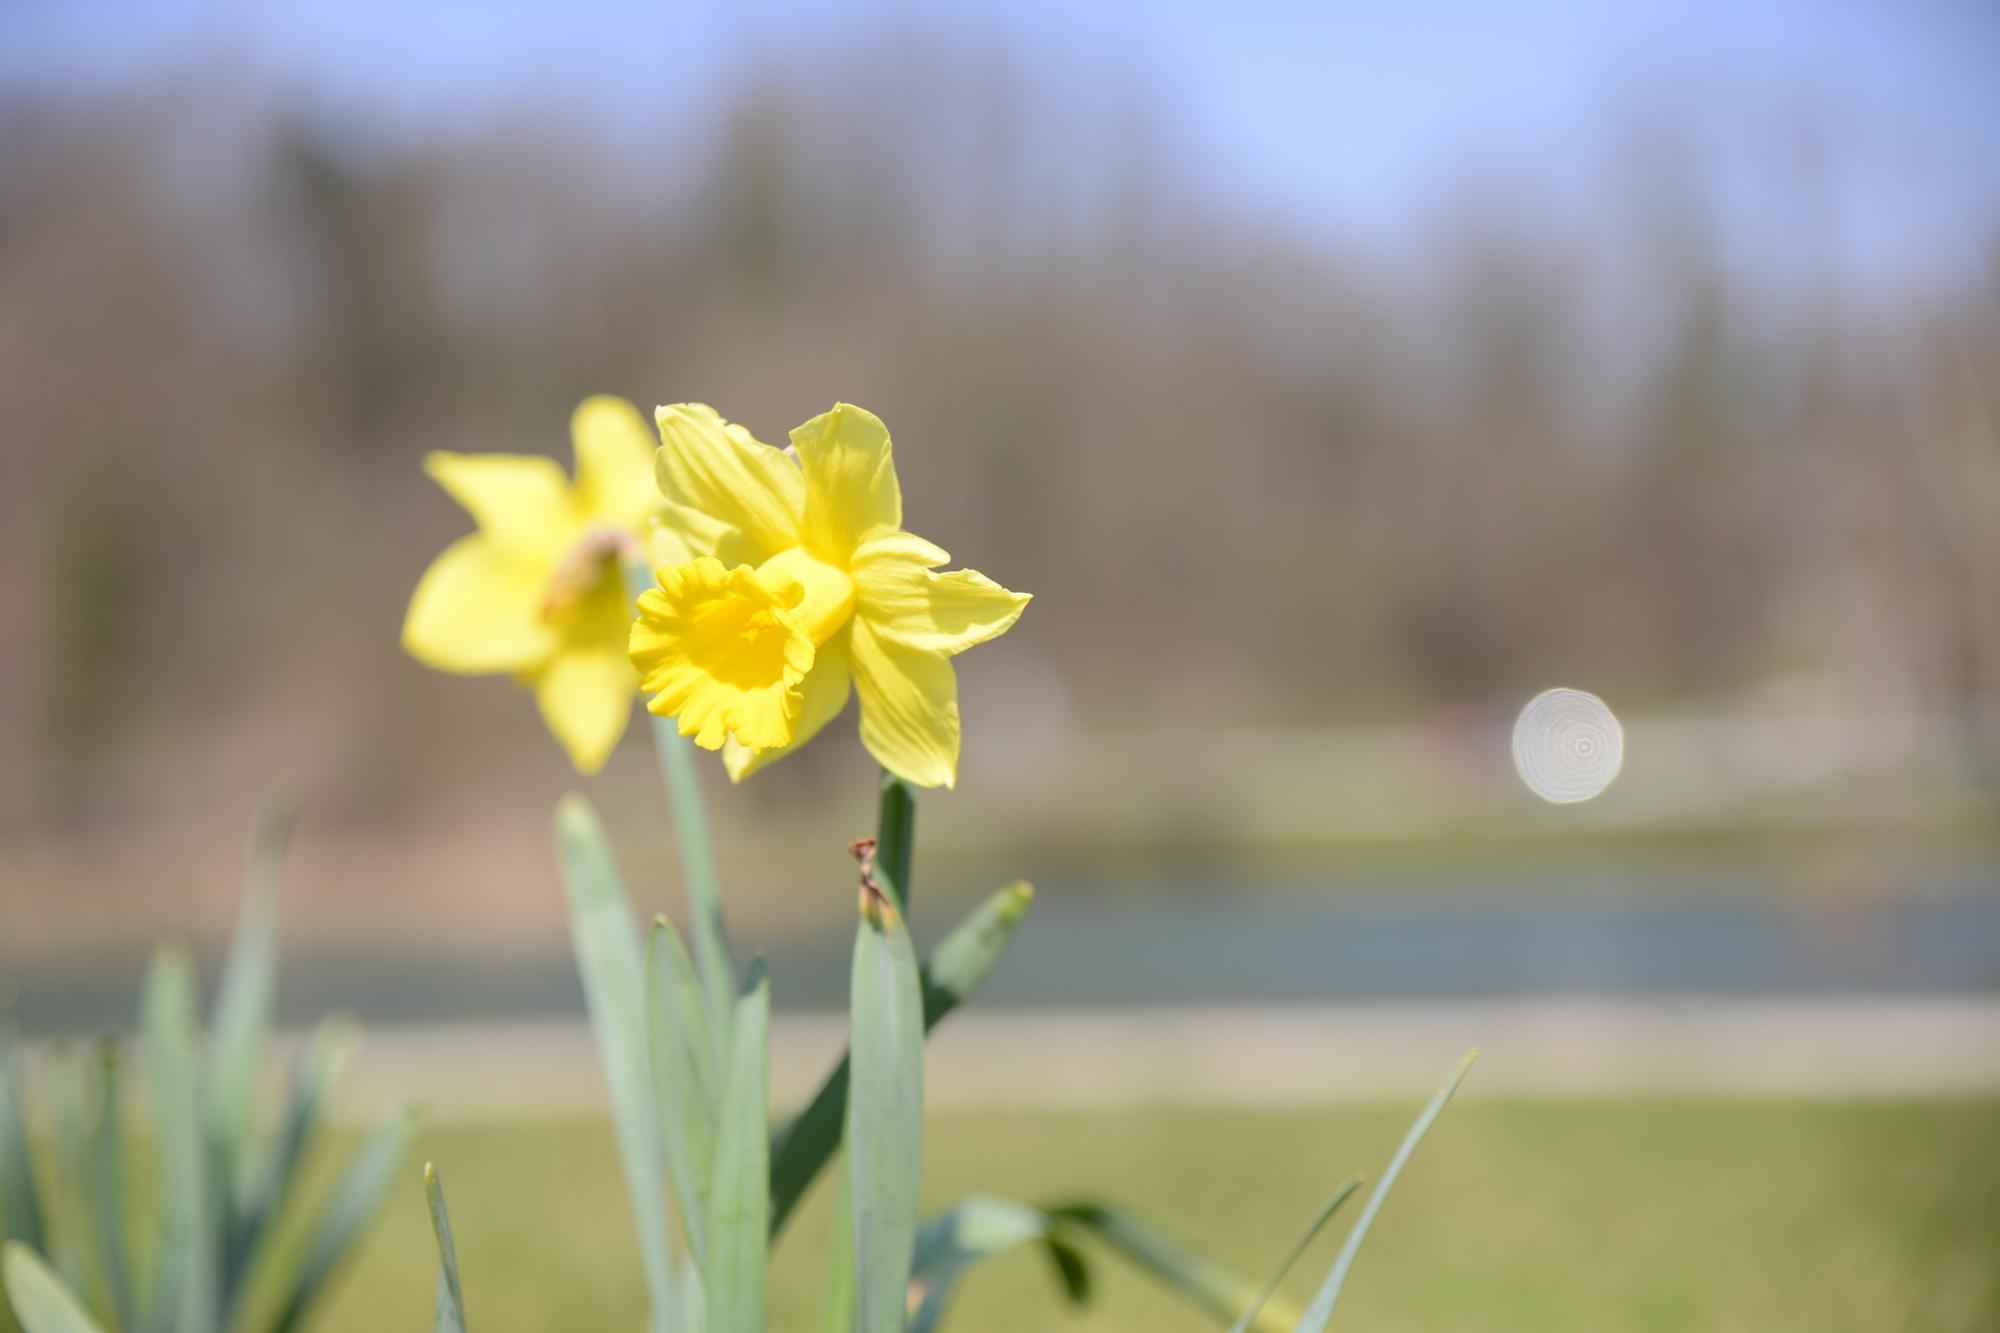 pomladni izlet_023